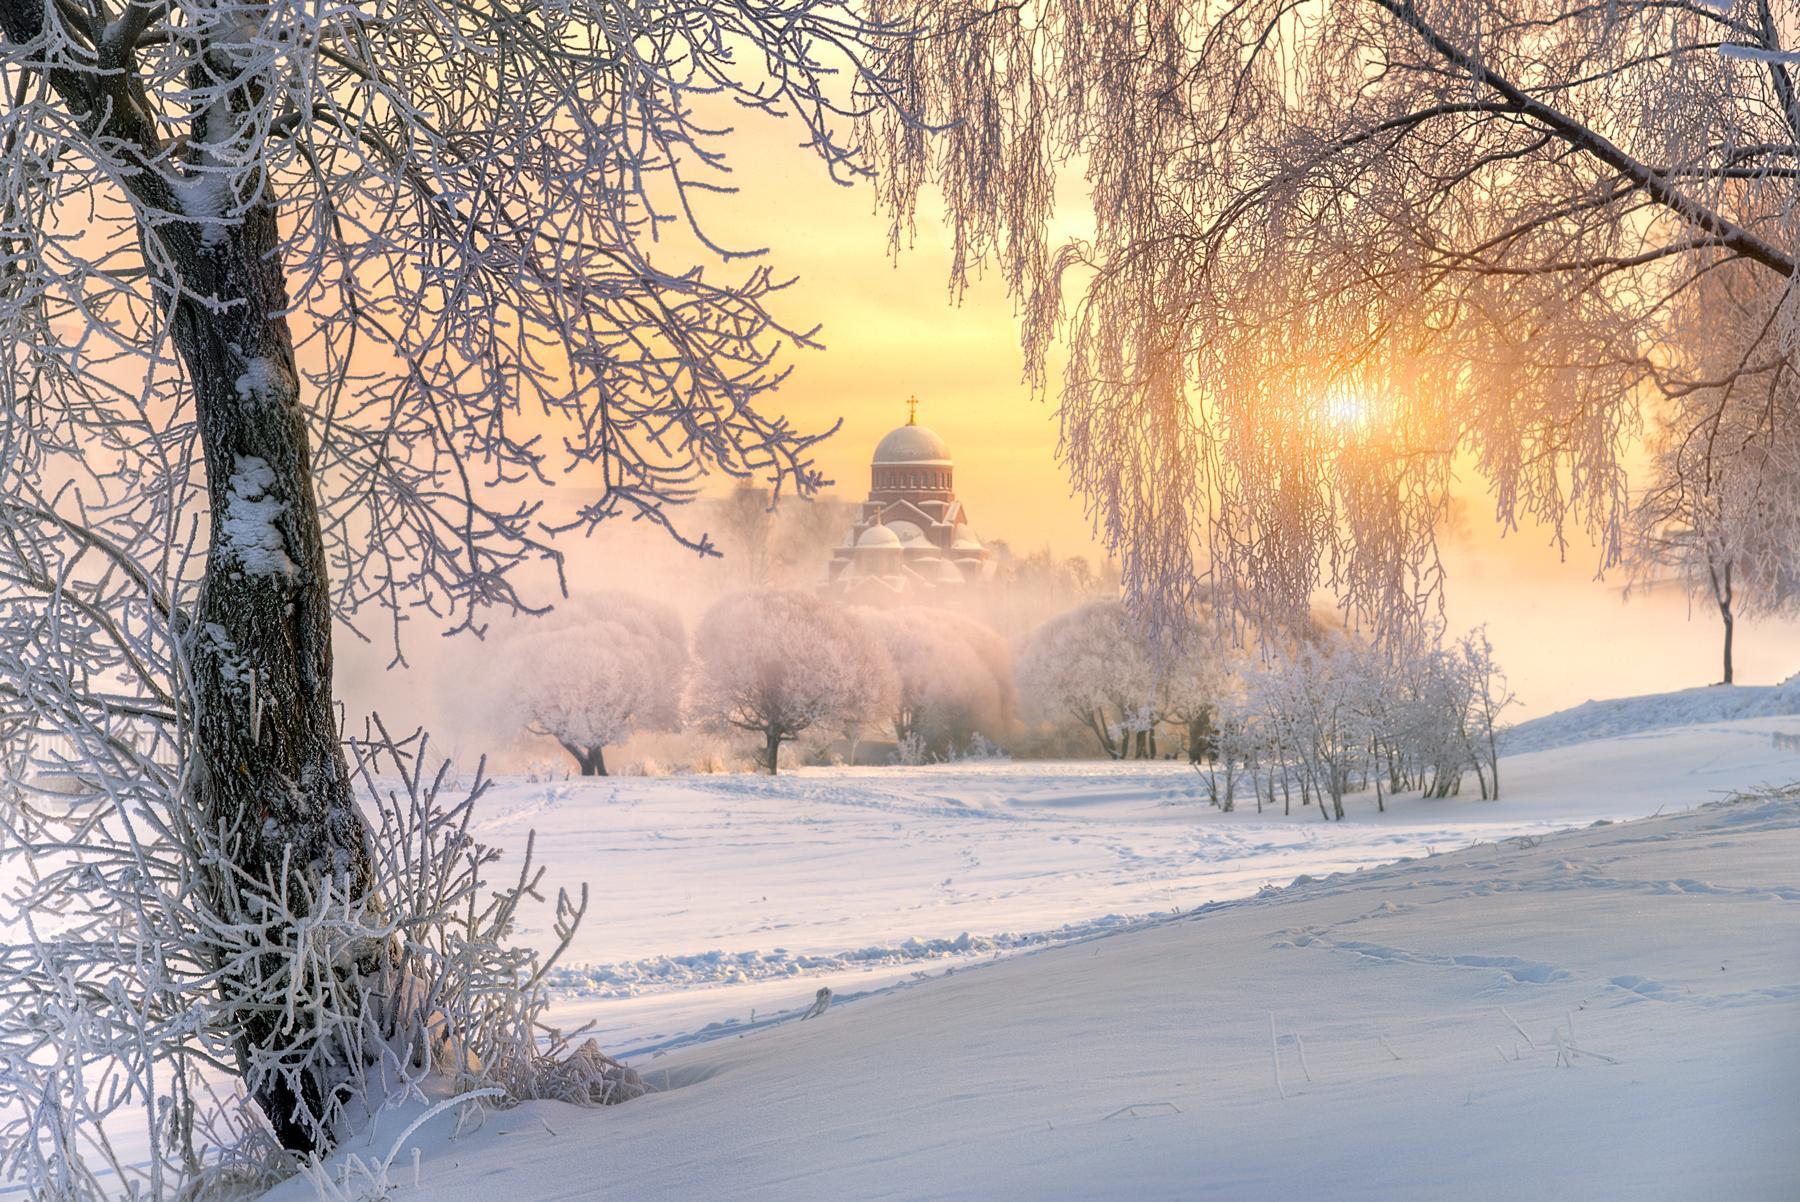 тебе картинки с добрым утром зимний пейзаж самая известная